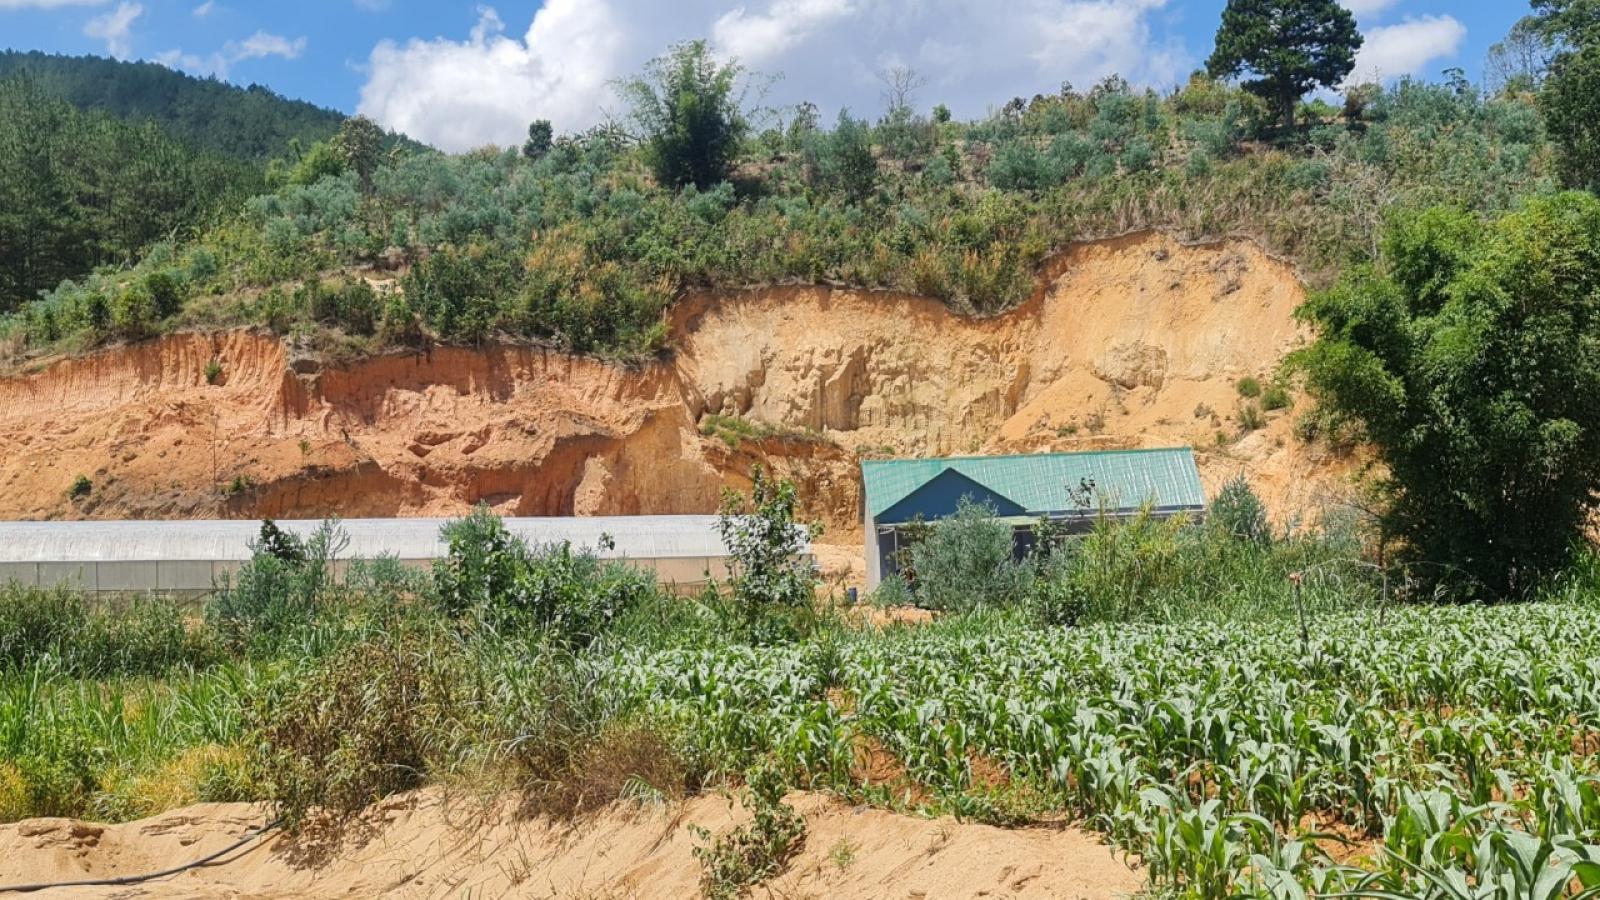 Ai tiếp tay nạn khai thác khoáng sản trái phép ở Tà Nung, Đà Lạt?!